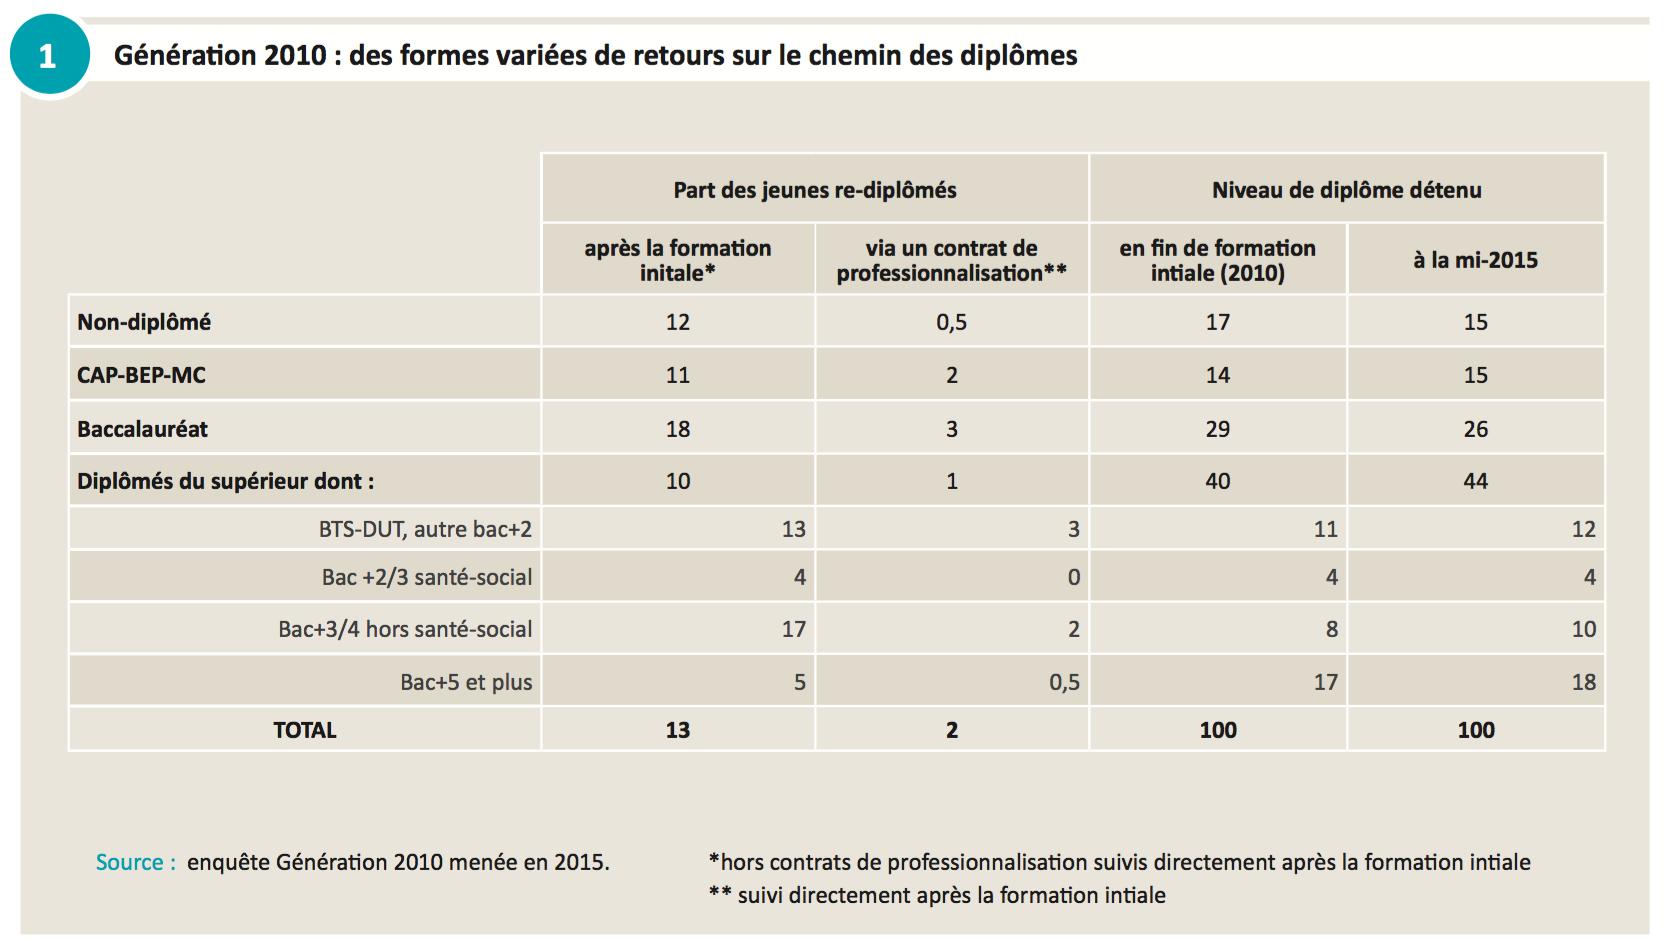 france  u2013 13   des jeunes sortis de formation initiale en 2010 ont obtenu un nouveau dipl u00f4me dans